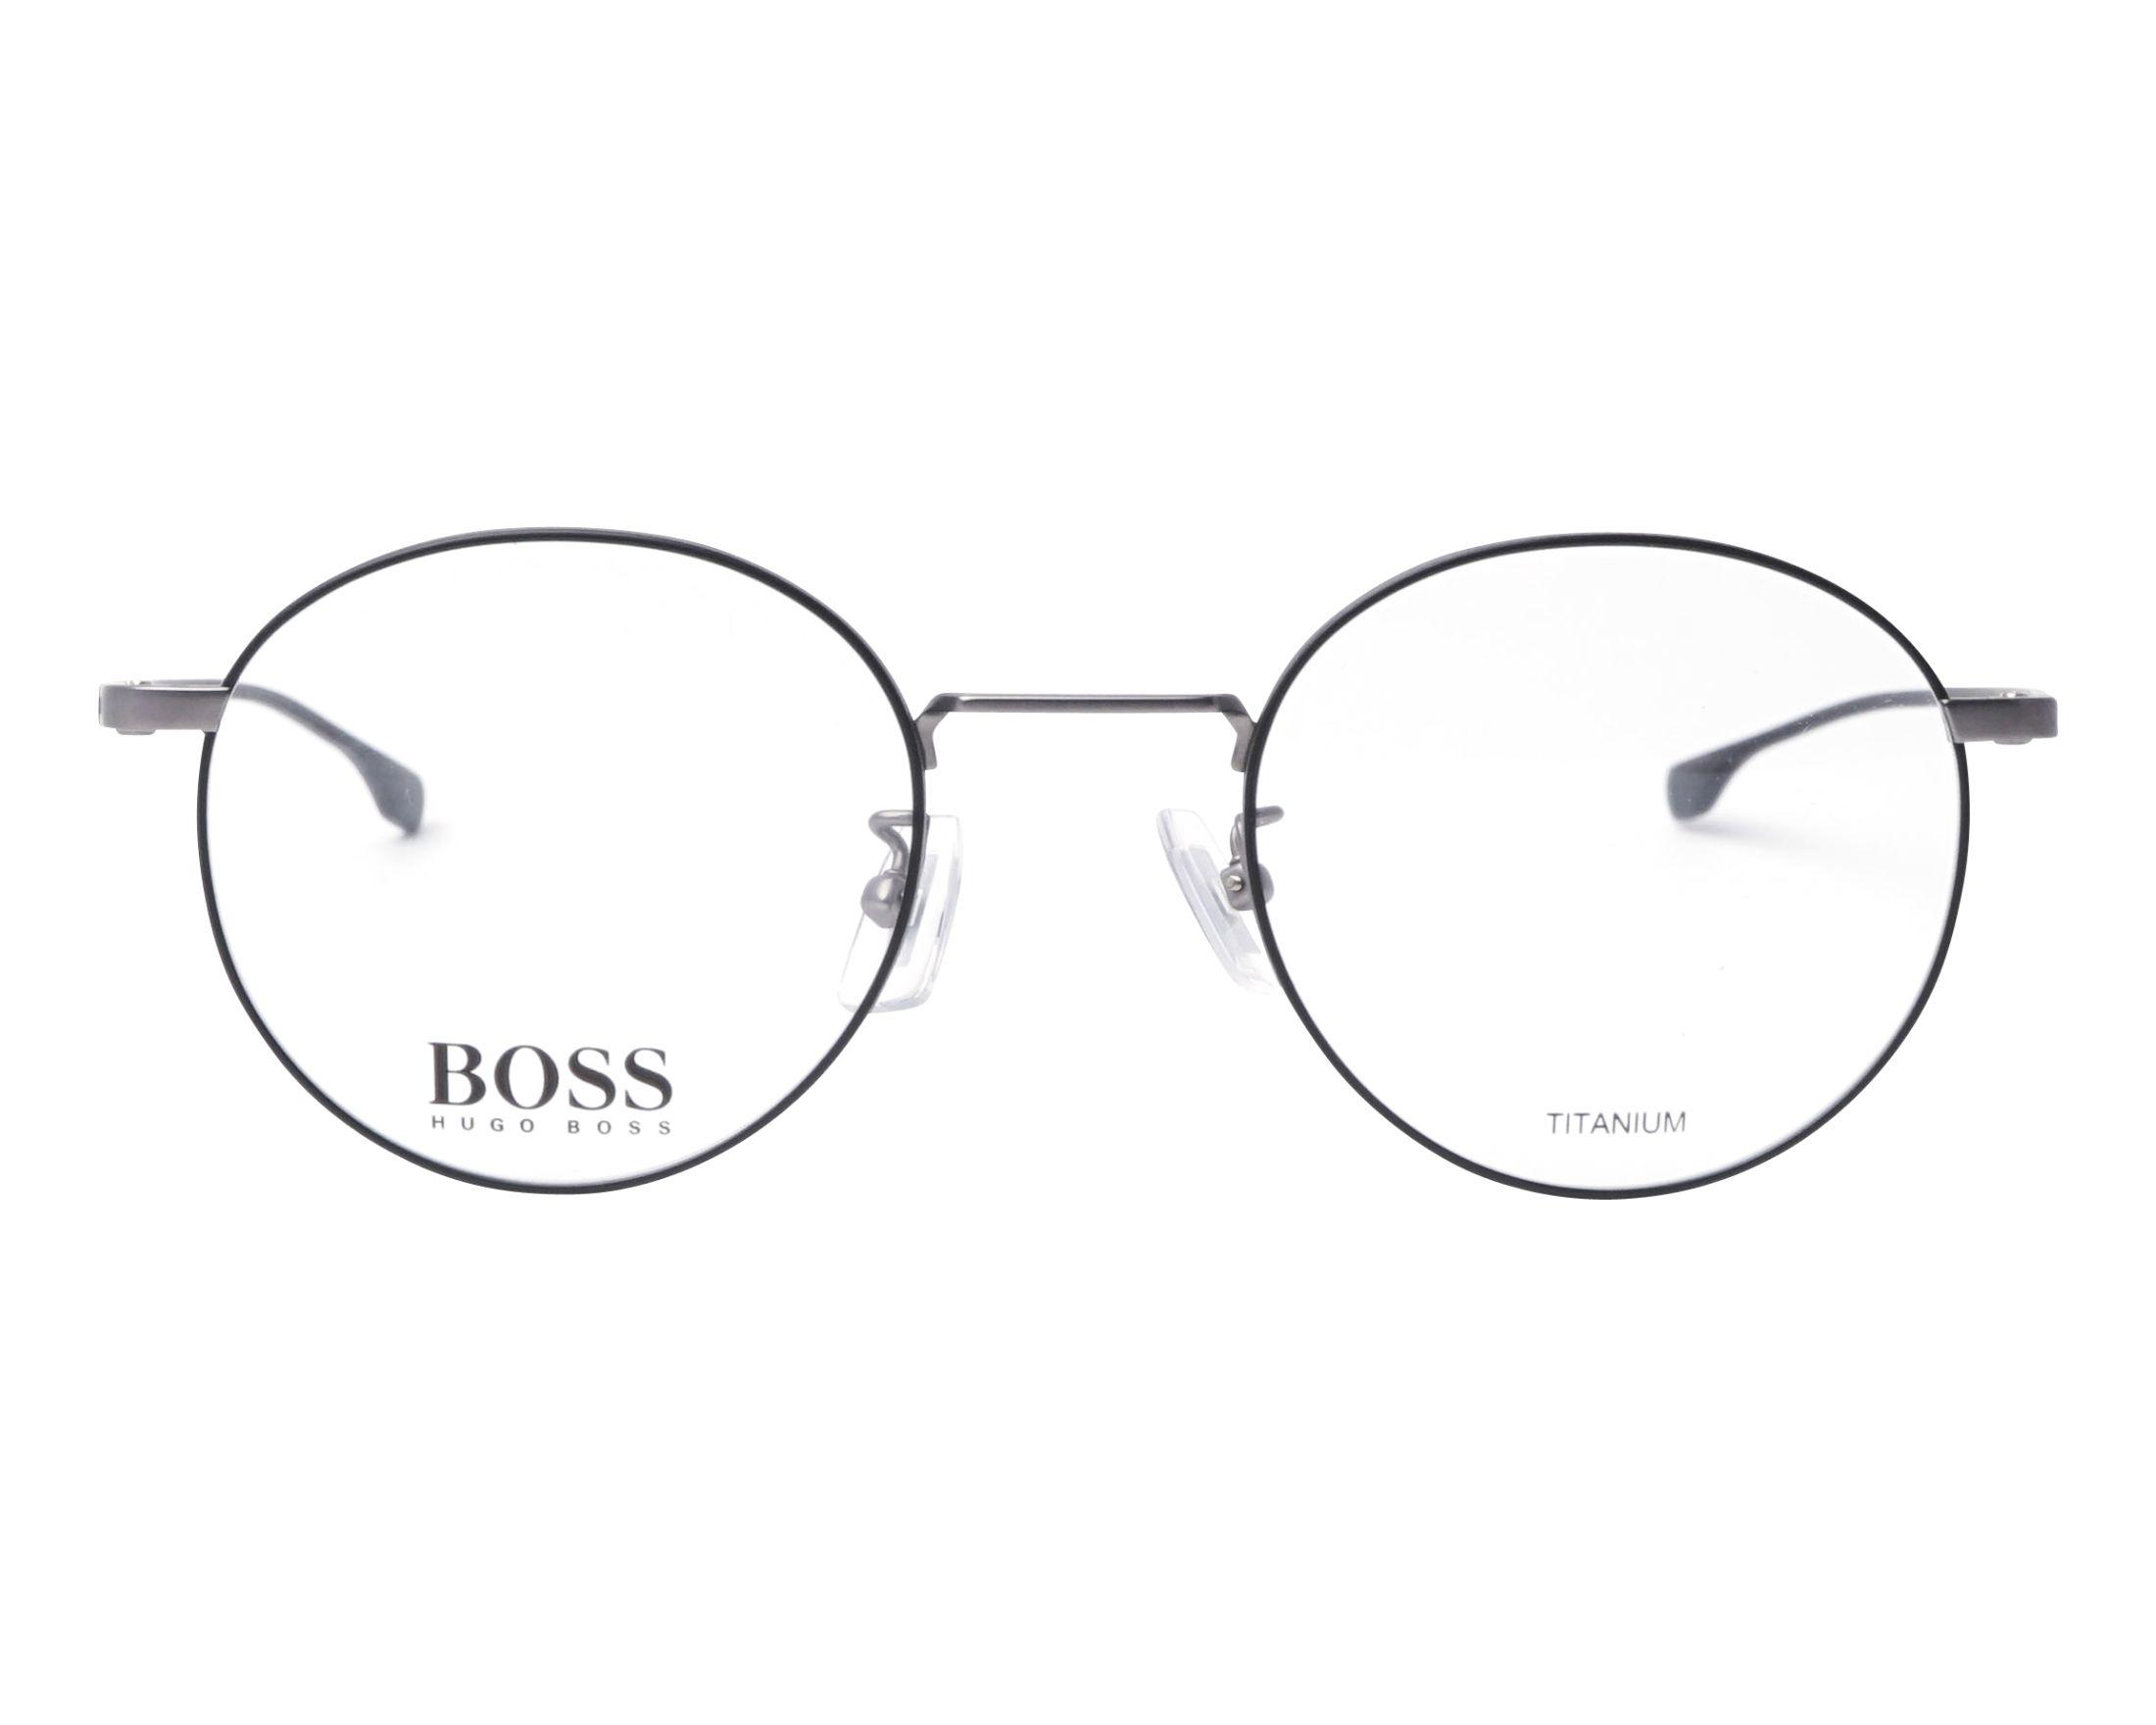 1b9a9f705f4579 Lunettes de vue Hugo Boss BOSS-0993-F TI7 49-22 Gunmetal Noir